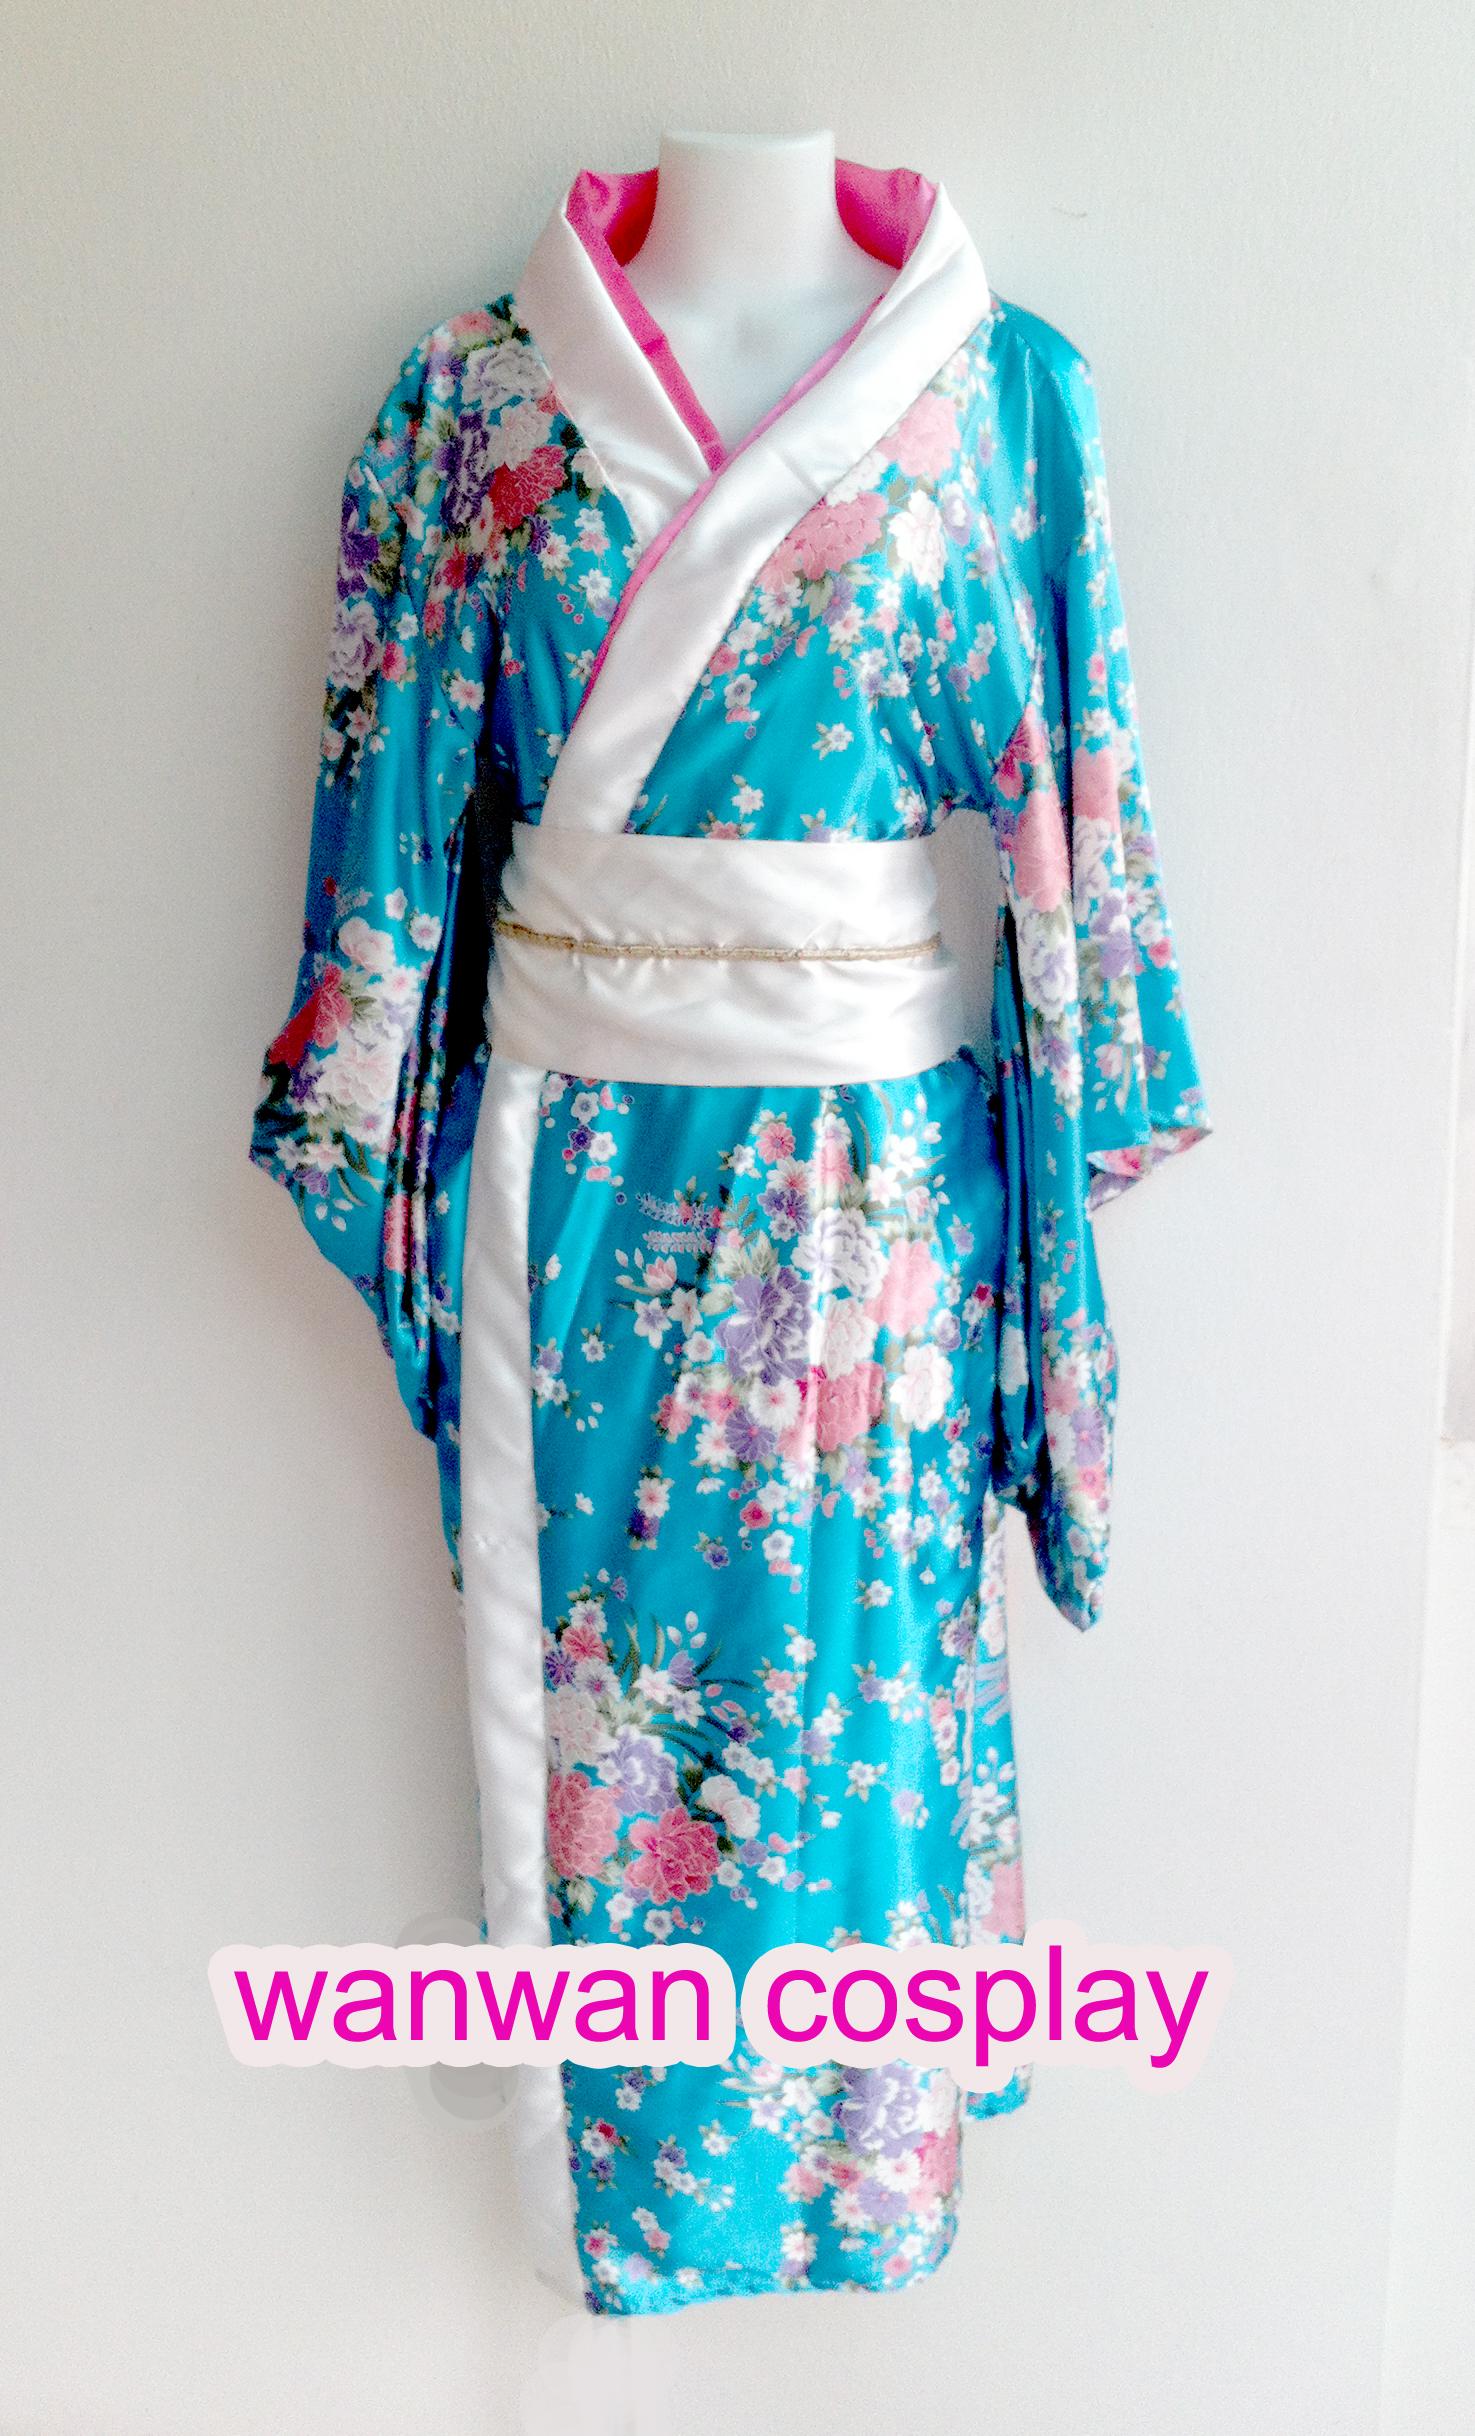 ชุดกิโมโน ชุดญี่ปุ่น ชุดยูกาตะ ชุดซามูไร ชุดประจำชาติ ชุดการ์ตูน ให้เช่าราคาถูก 094-920-9400 , 094-920-9402